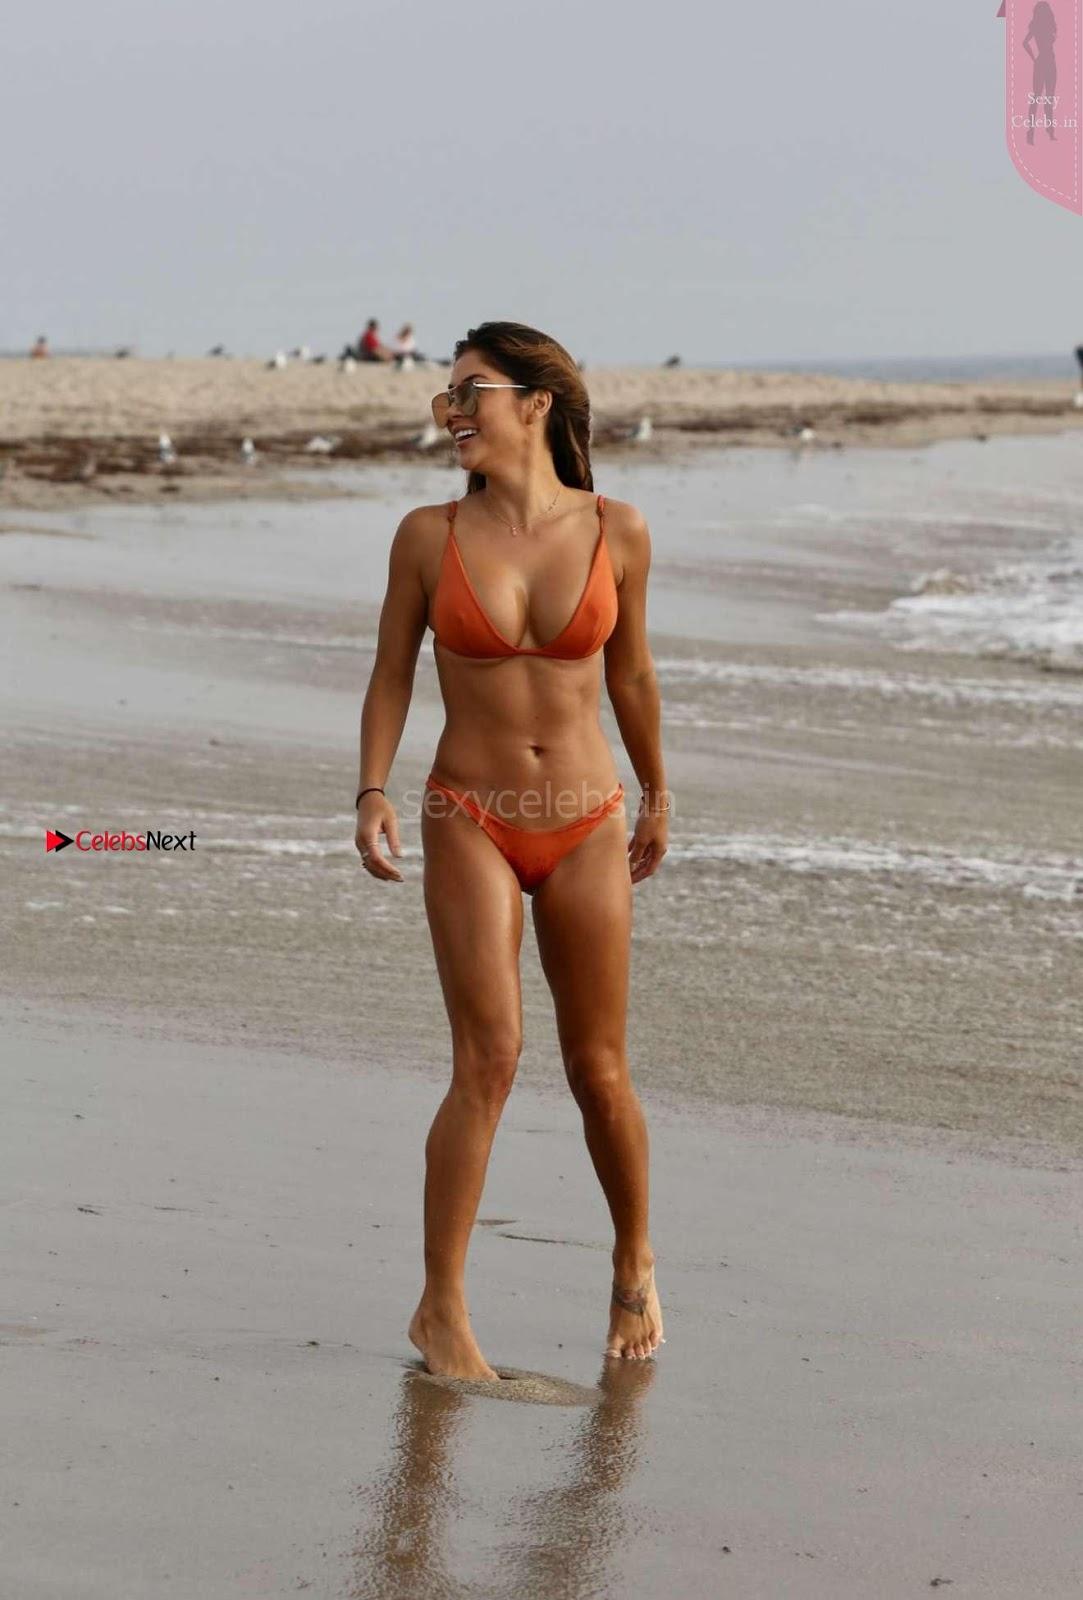 Arriany-Celeste-Wearing-Bikini-on-Beach-in-Venice-01+%7E+SexyCelebs.in+Exclusive.jpg